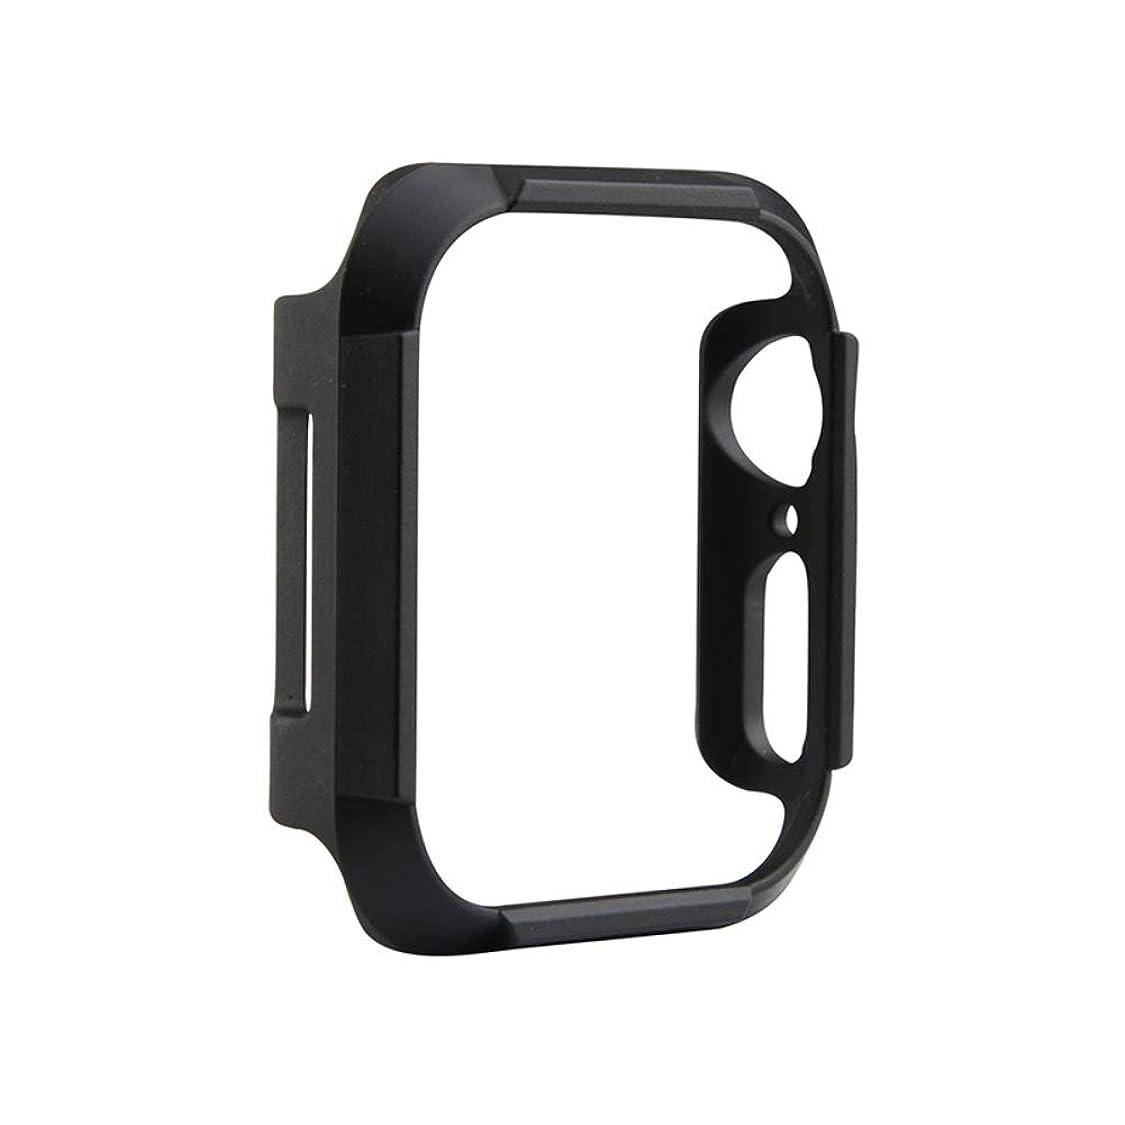 電気陽性本質的に退屈させるApple Watch 5/4ケース IWatchカバー40mm 44mm アップルウォッチシリーズカバー 薄型 保護ケース 耐衝撃 脱着簡単 Ammbous